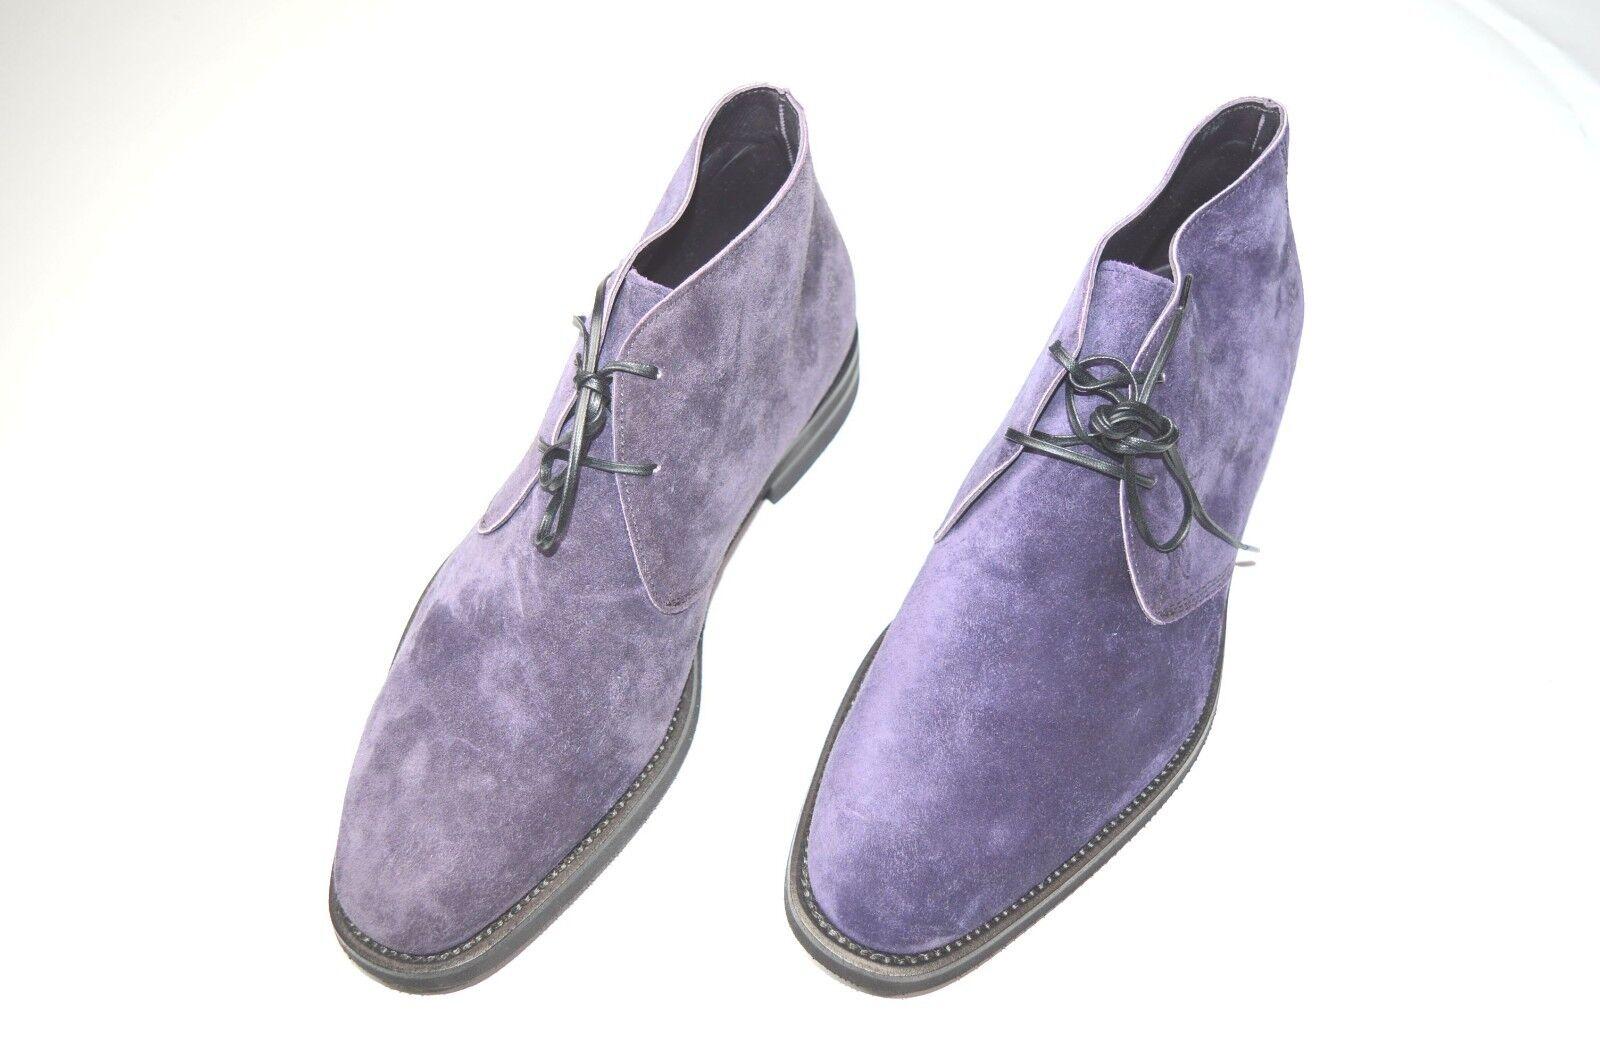 Nuevo De Lujo Cuero STEFANO RICCI Zapatos Talla nos 11 (Cod A202)